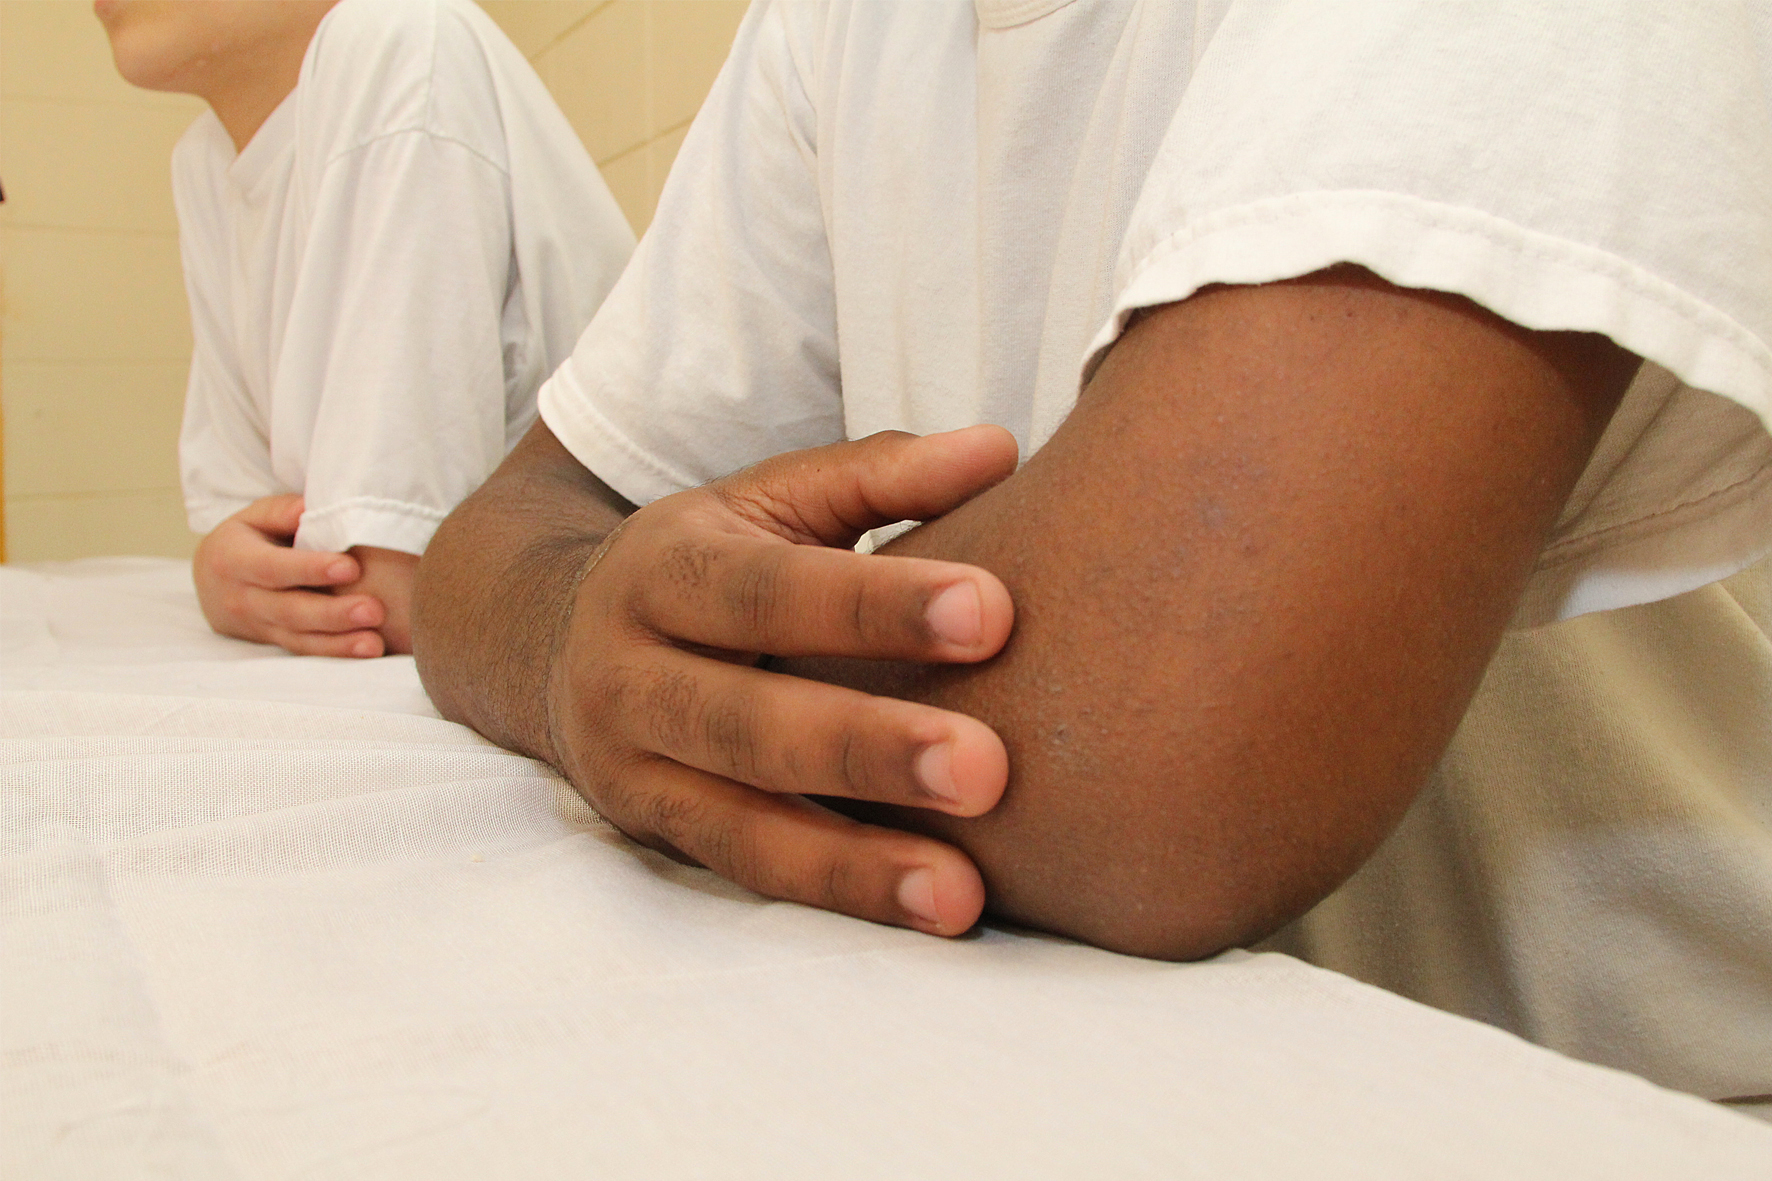 Image forum forum adolescent